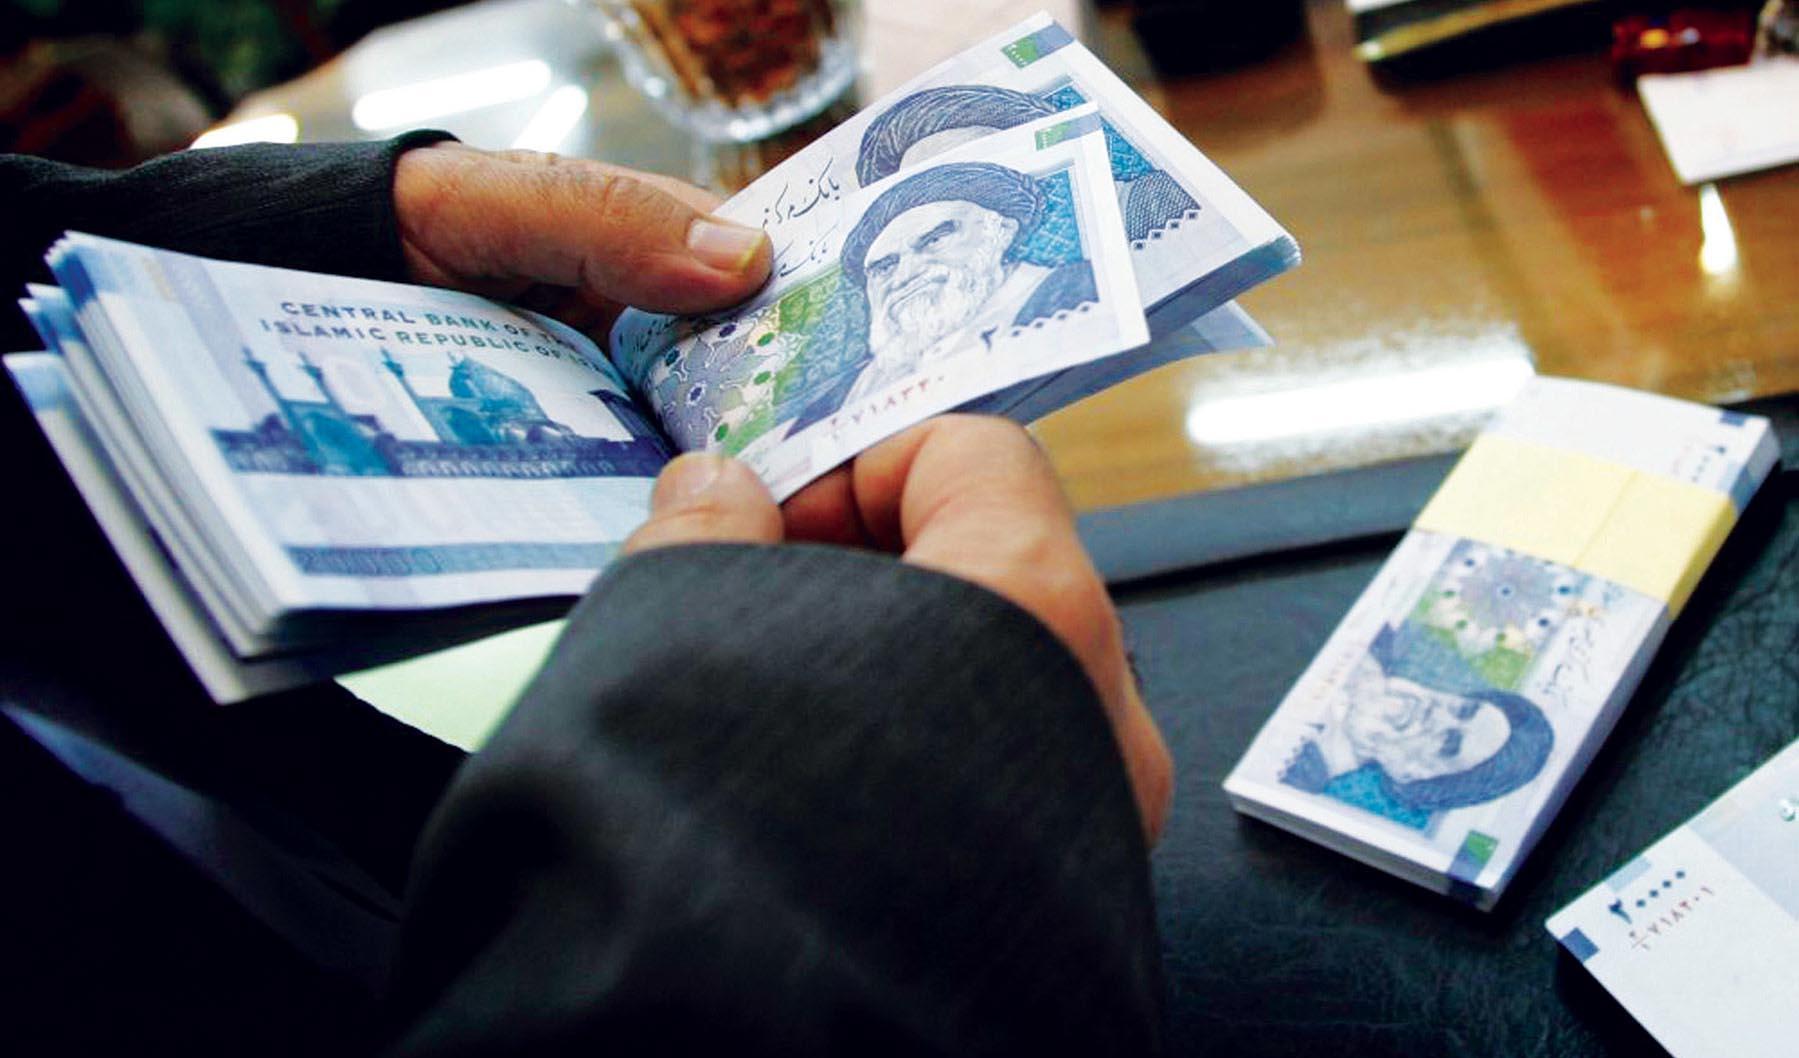 خبر خوب برای سهامداران/ سود سهام به حساب بانکی واریز میشود